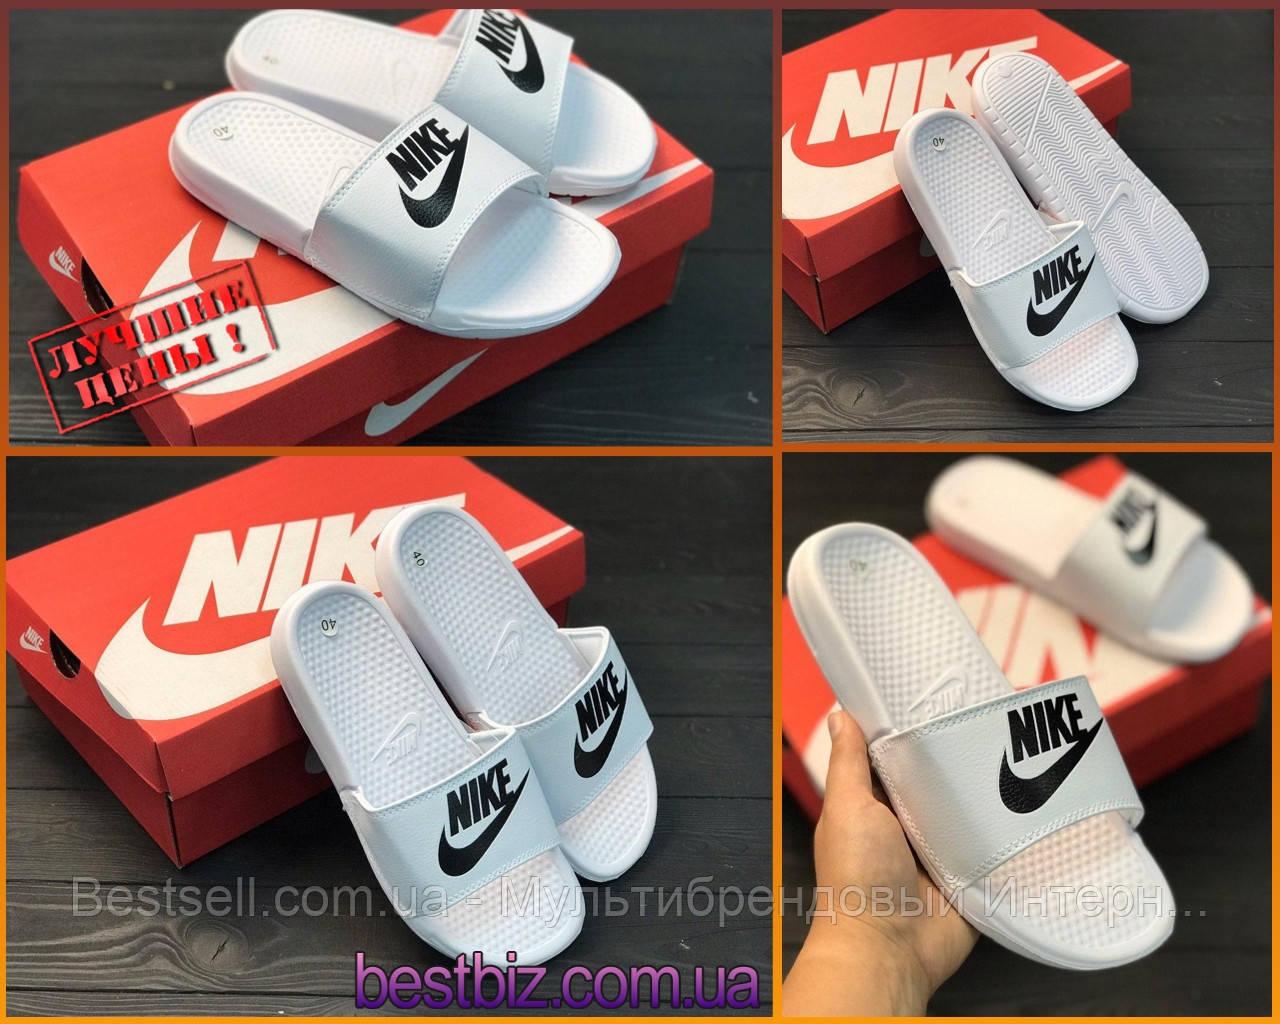 Шльопанці чоловічі білі Nike / Сланці Nike (шльопанці,в'єтнамки)